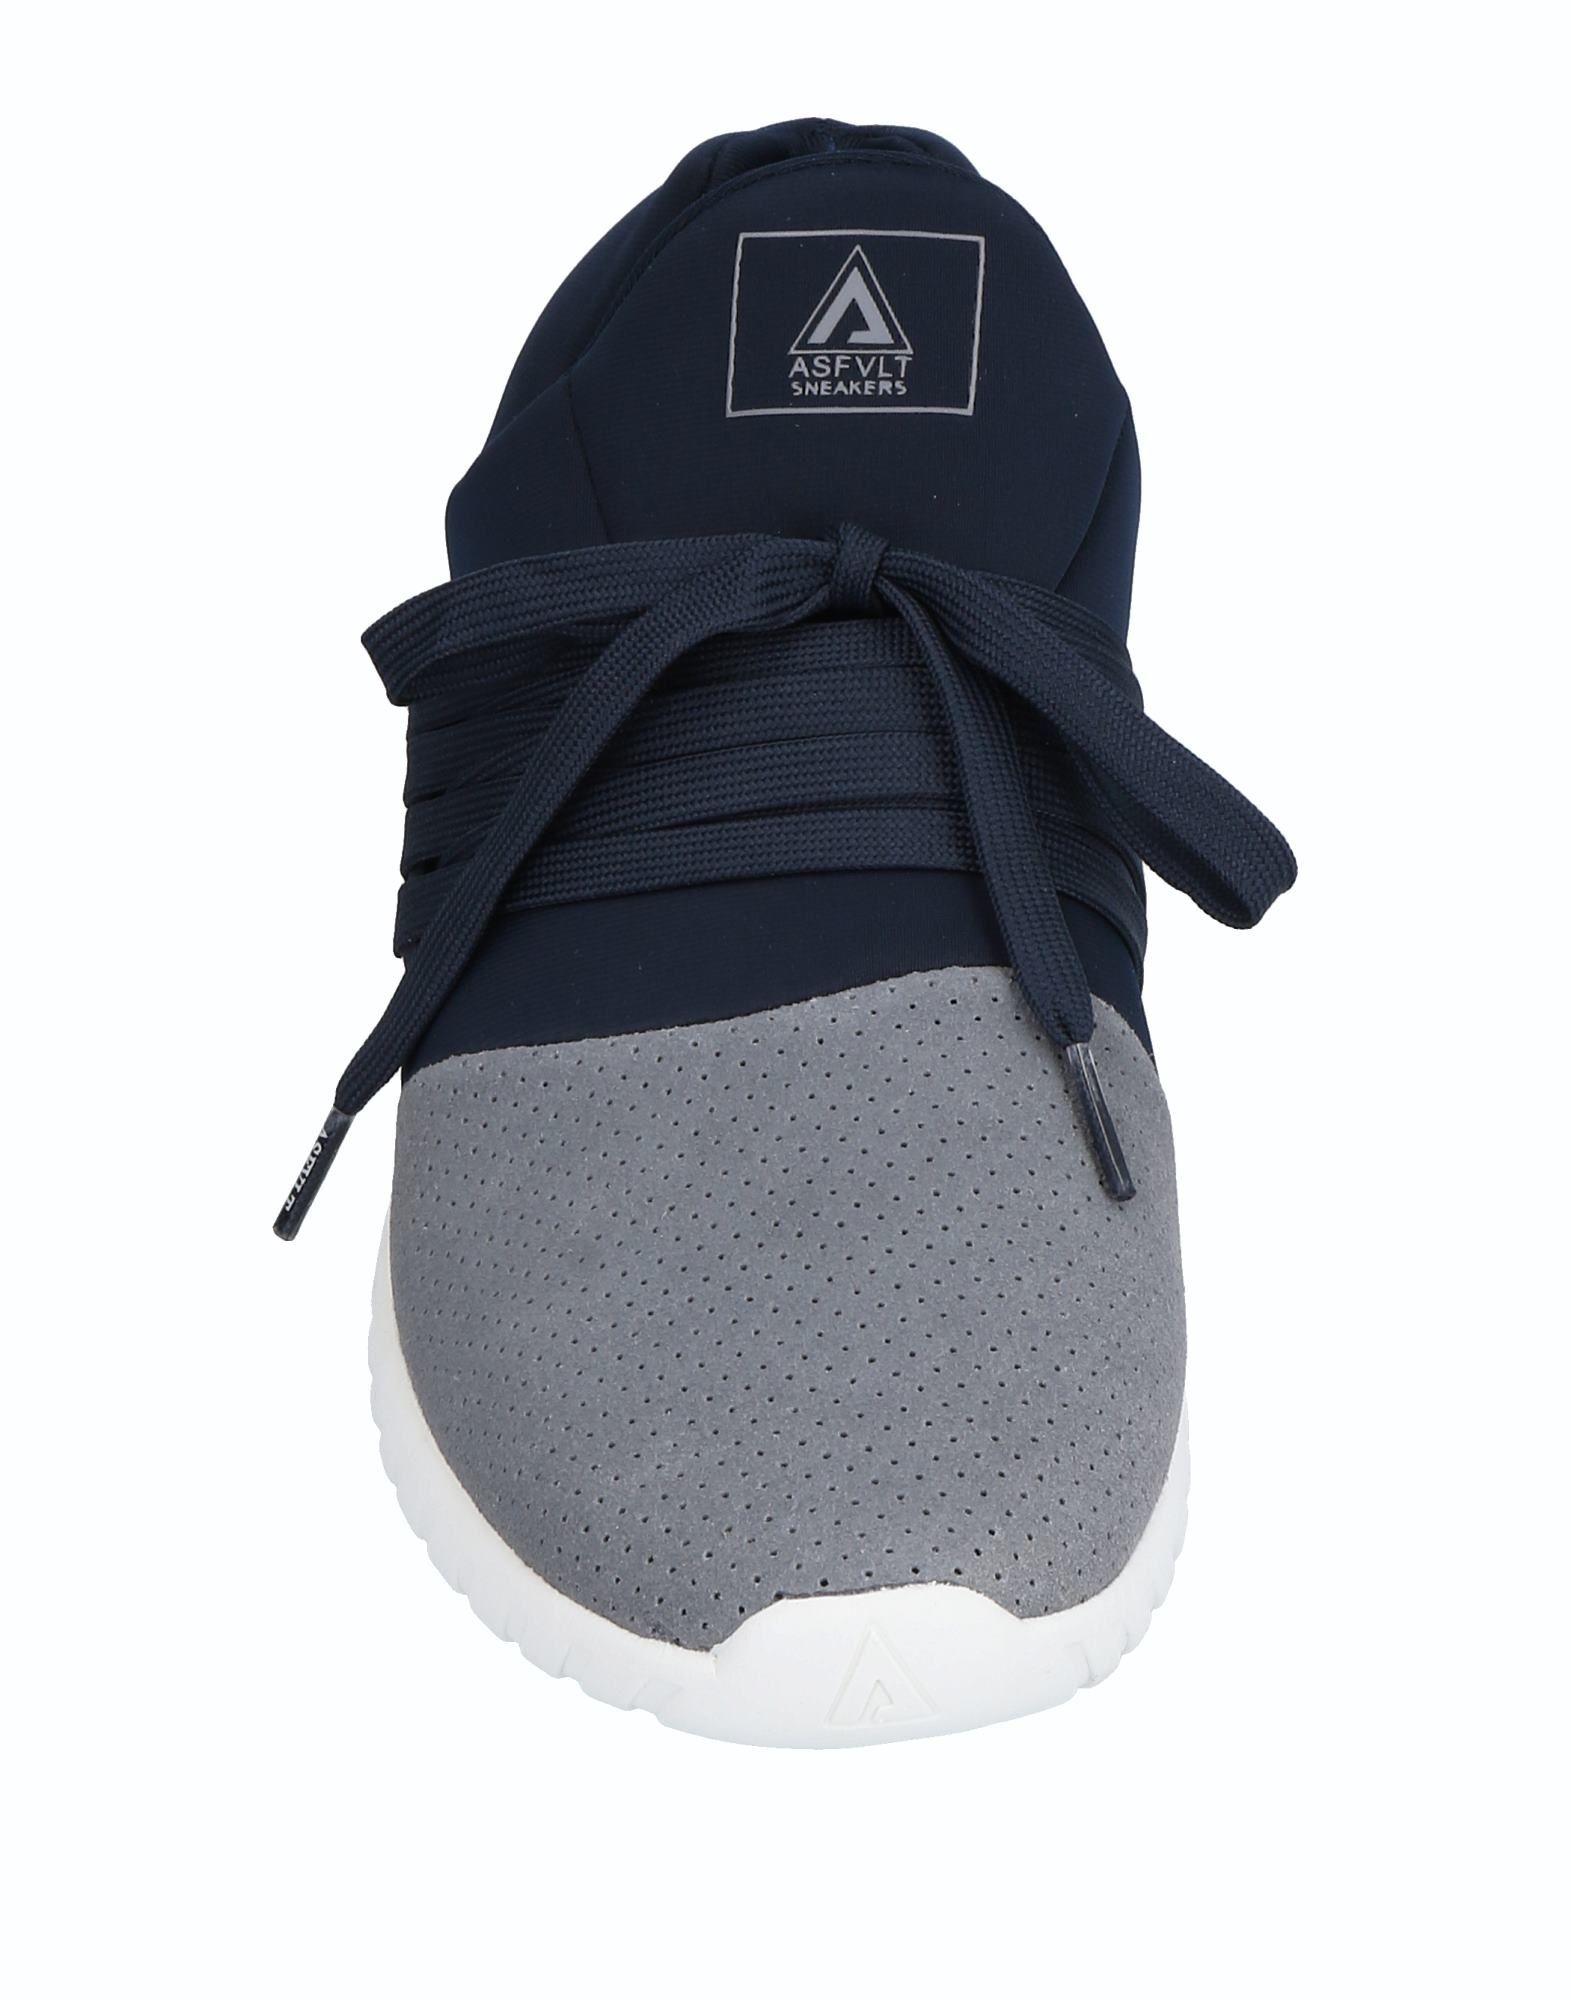 Rabatt echte Schuhe Asfvlt Sneakers Herren  11506818GC